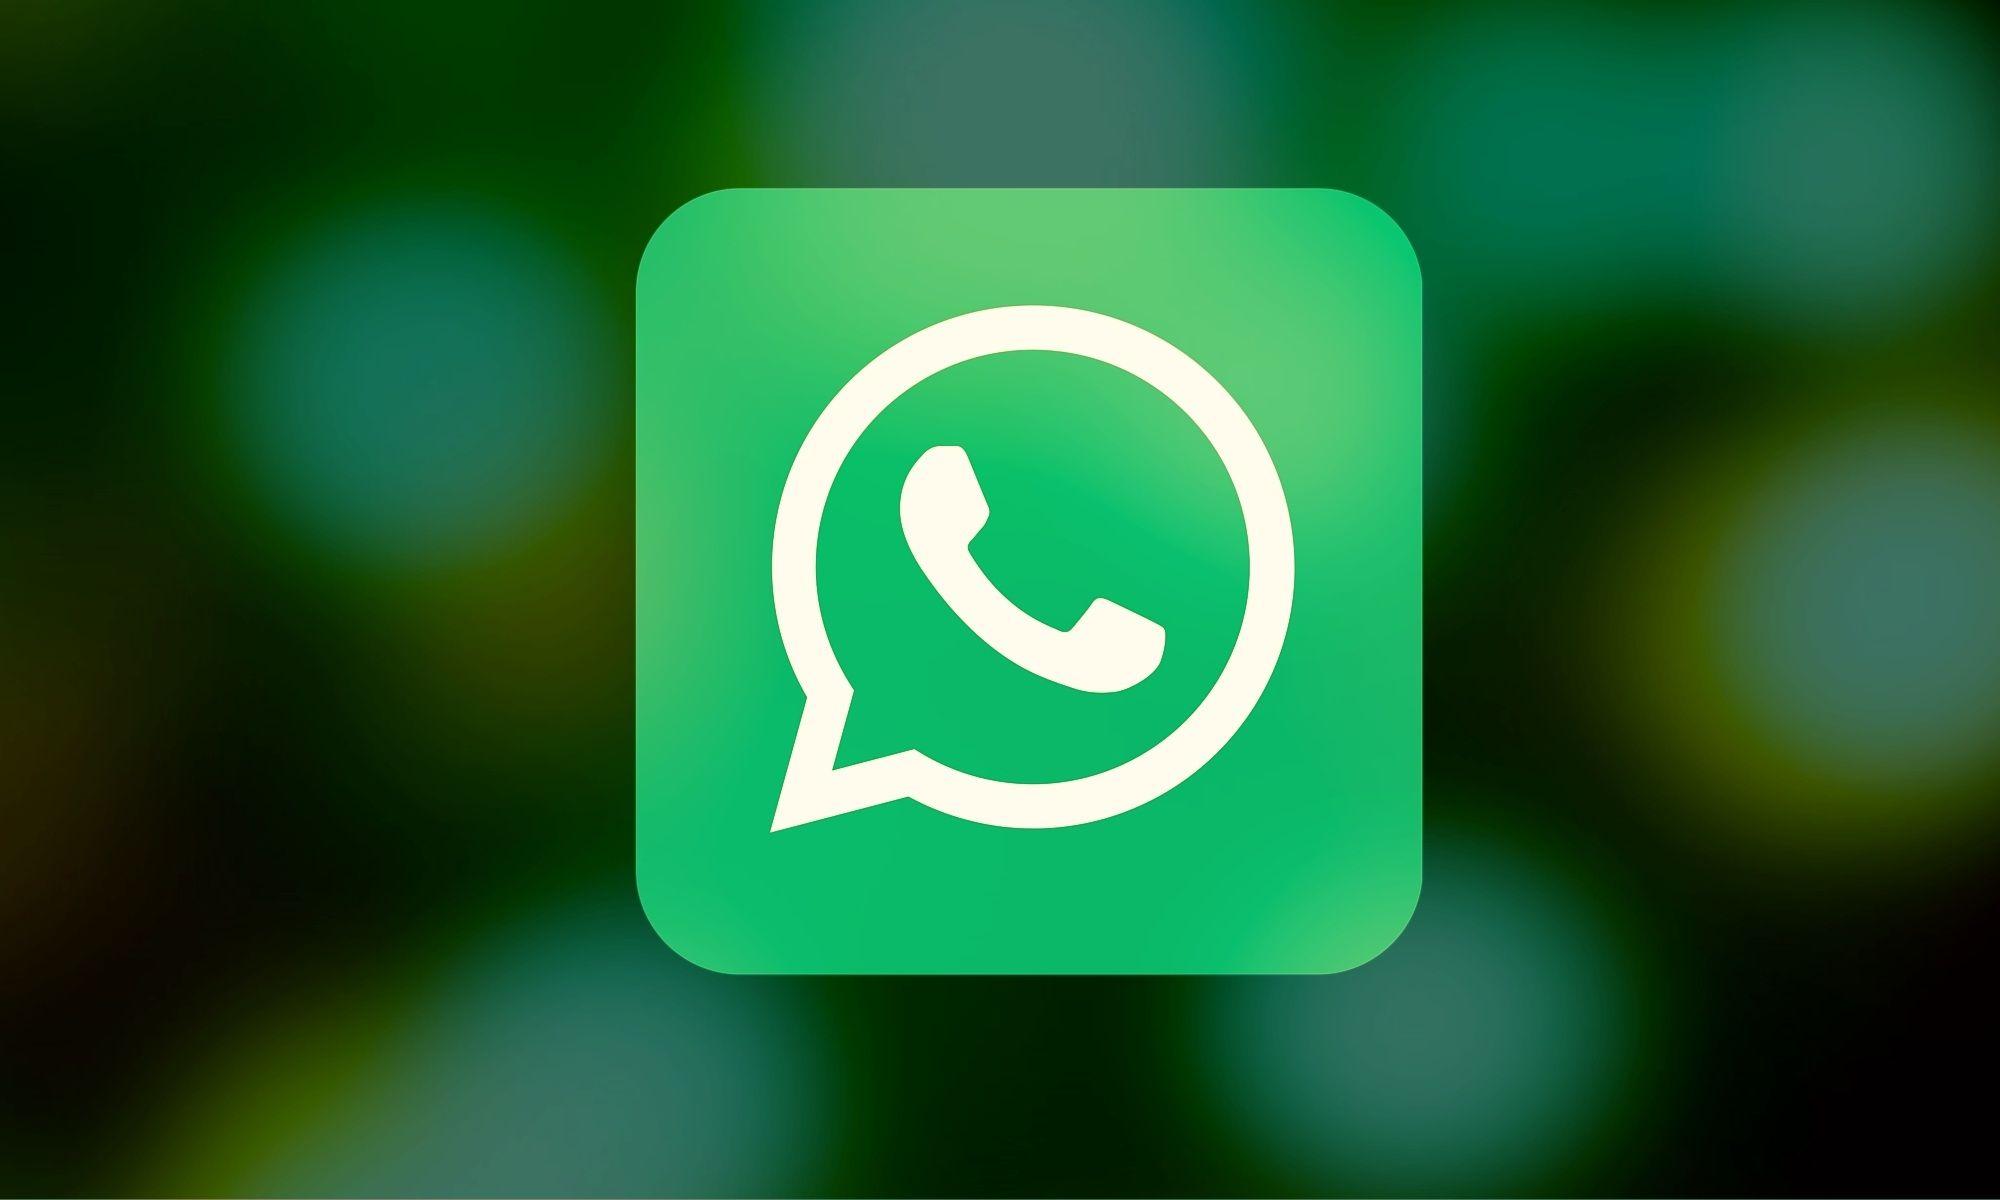 whatsapp-1357489